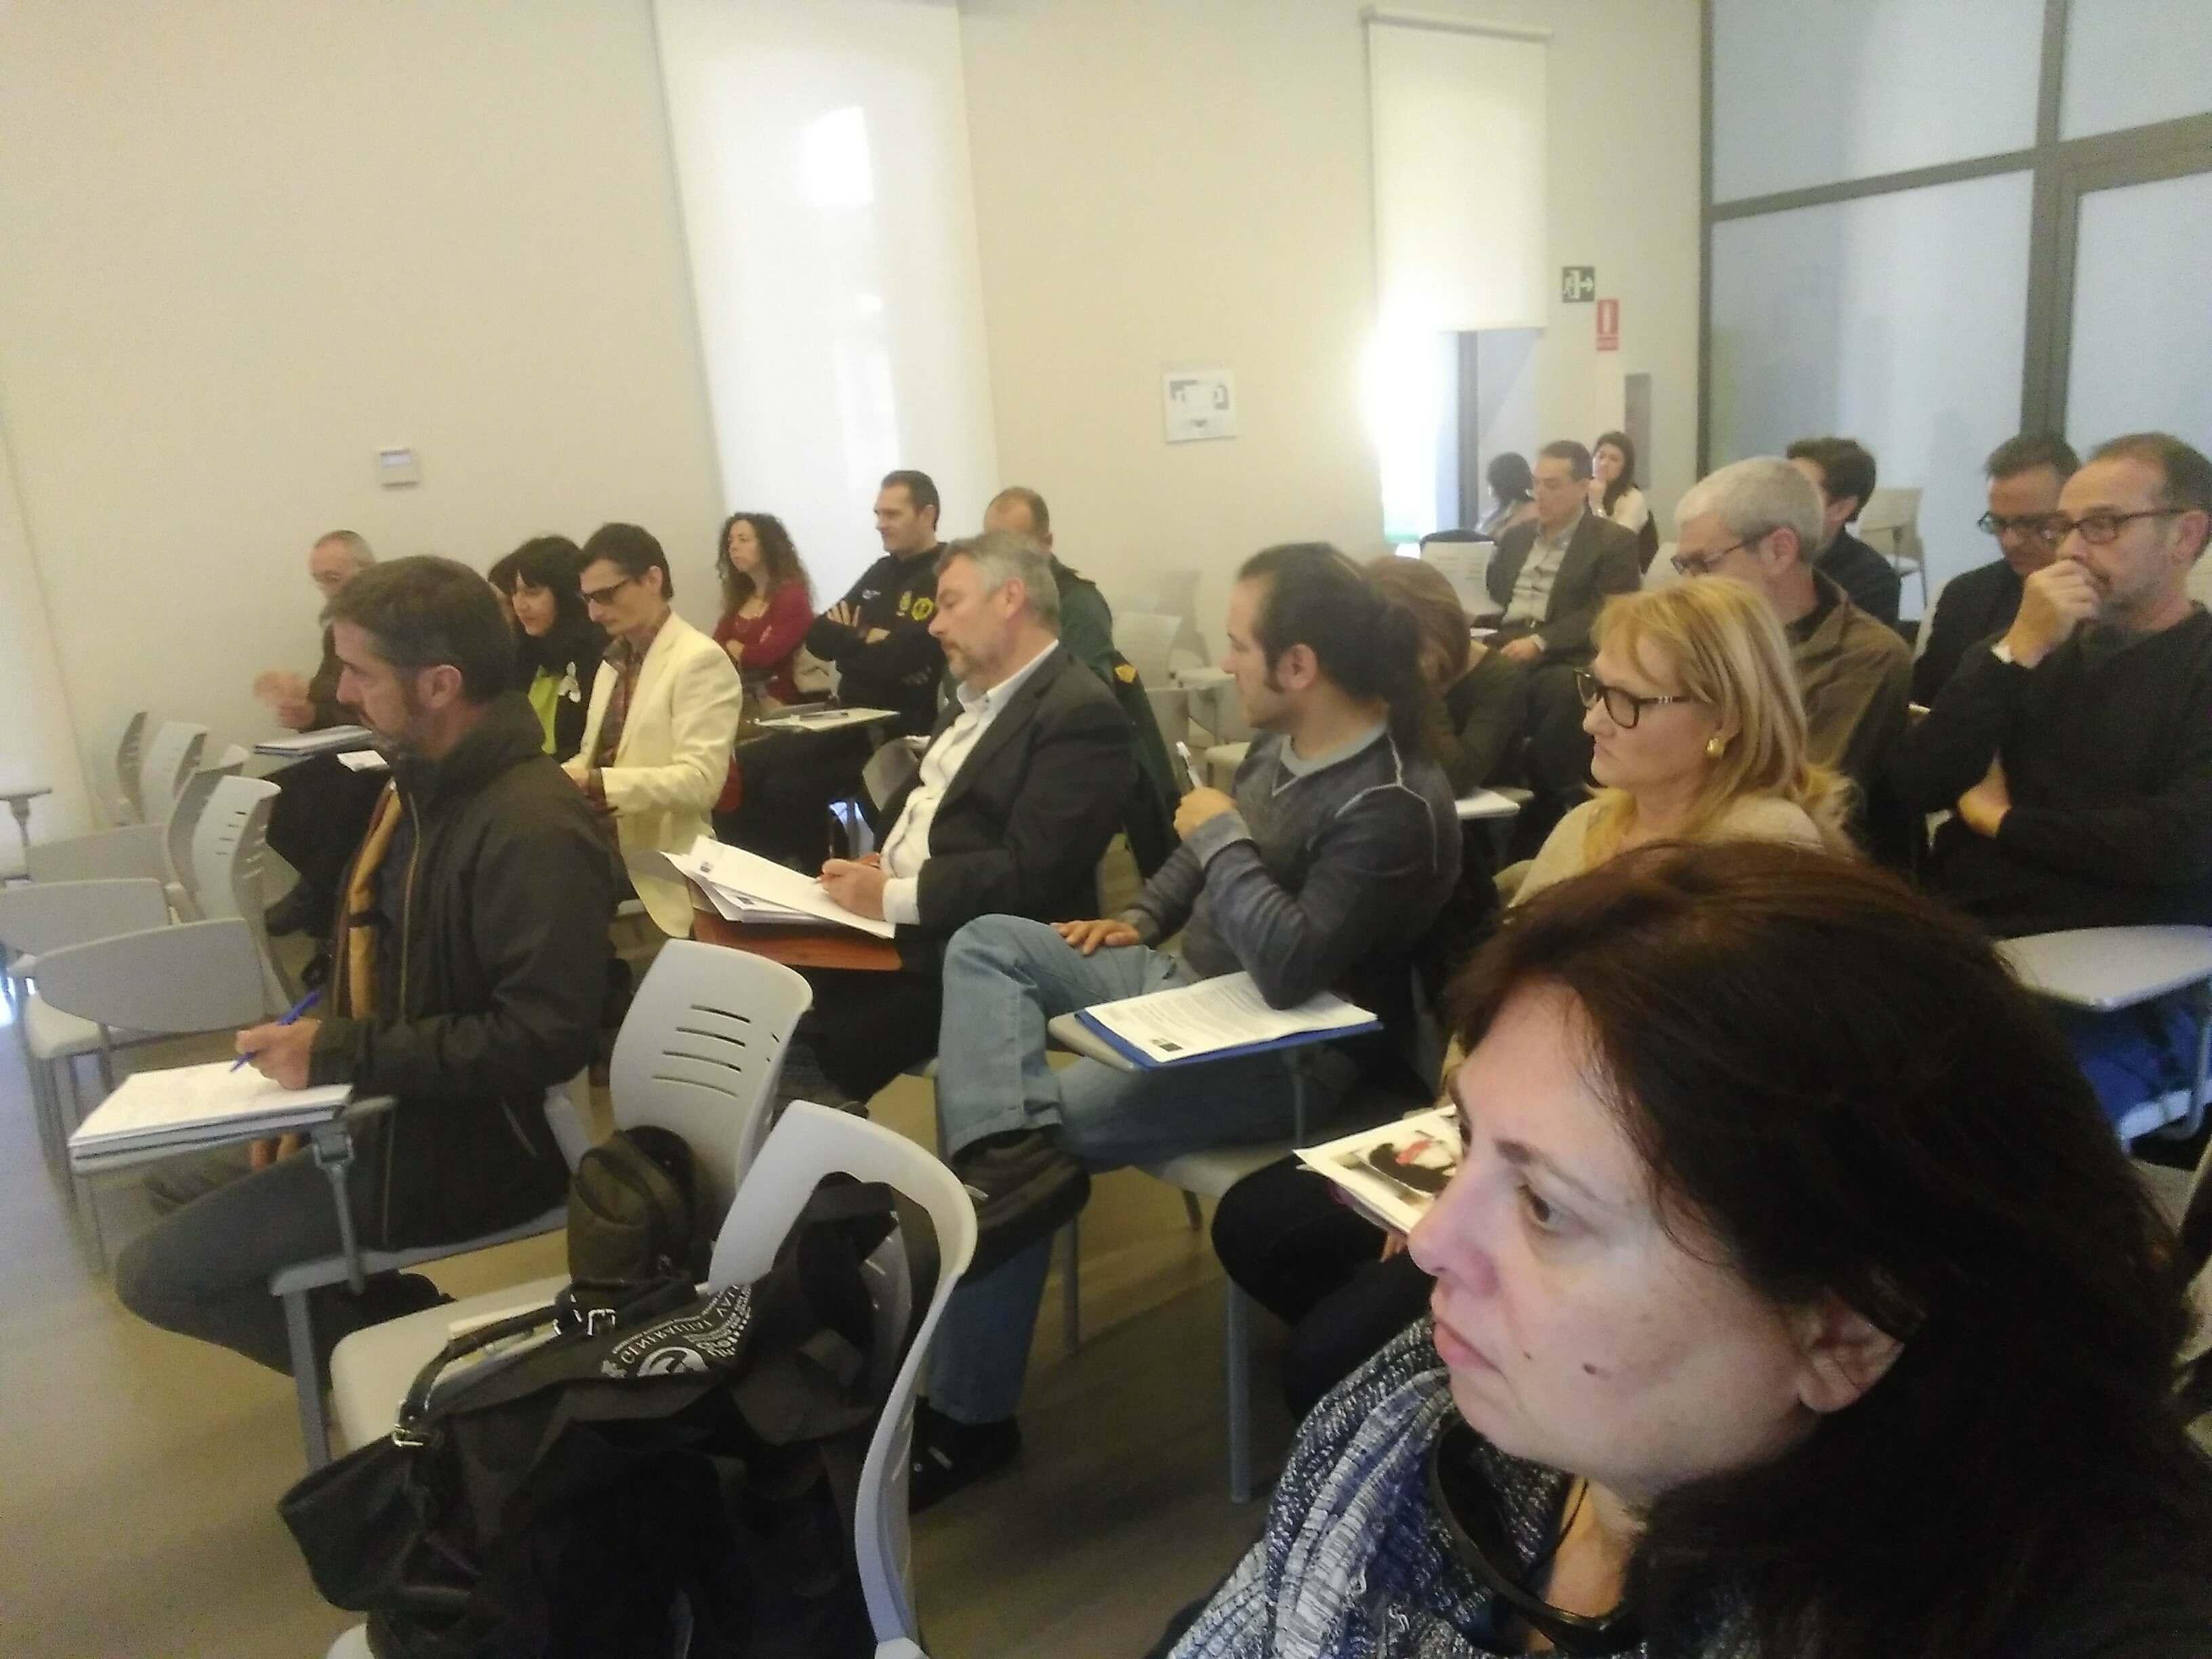 Miembros de la Junta Directiva de GRECOACOM asisten a la presentación del Borrador de la nueva Ley de Protección Animal de la Comunidad Valenciana